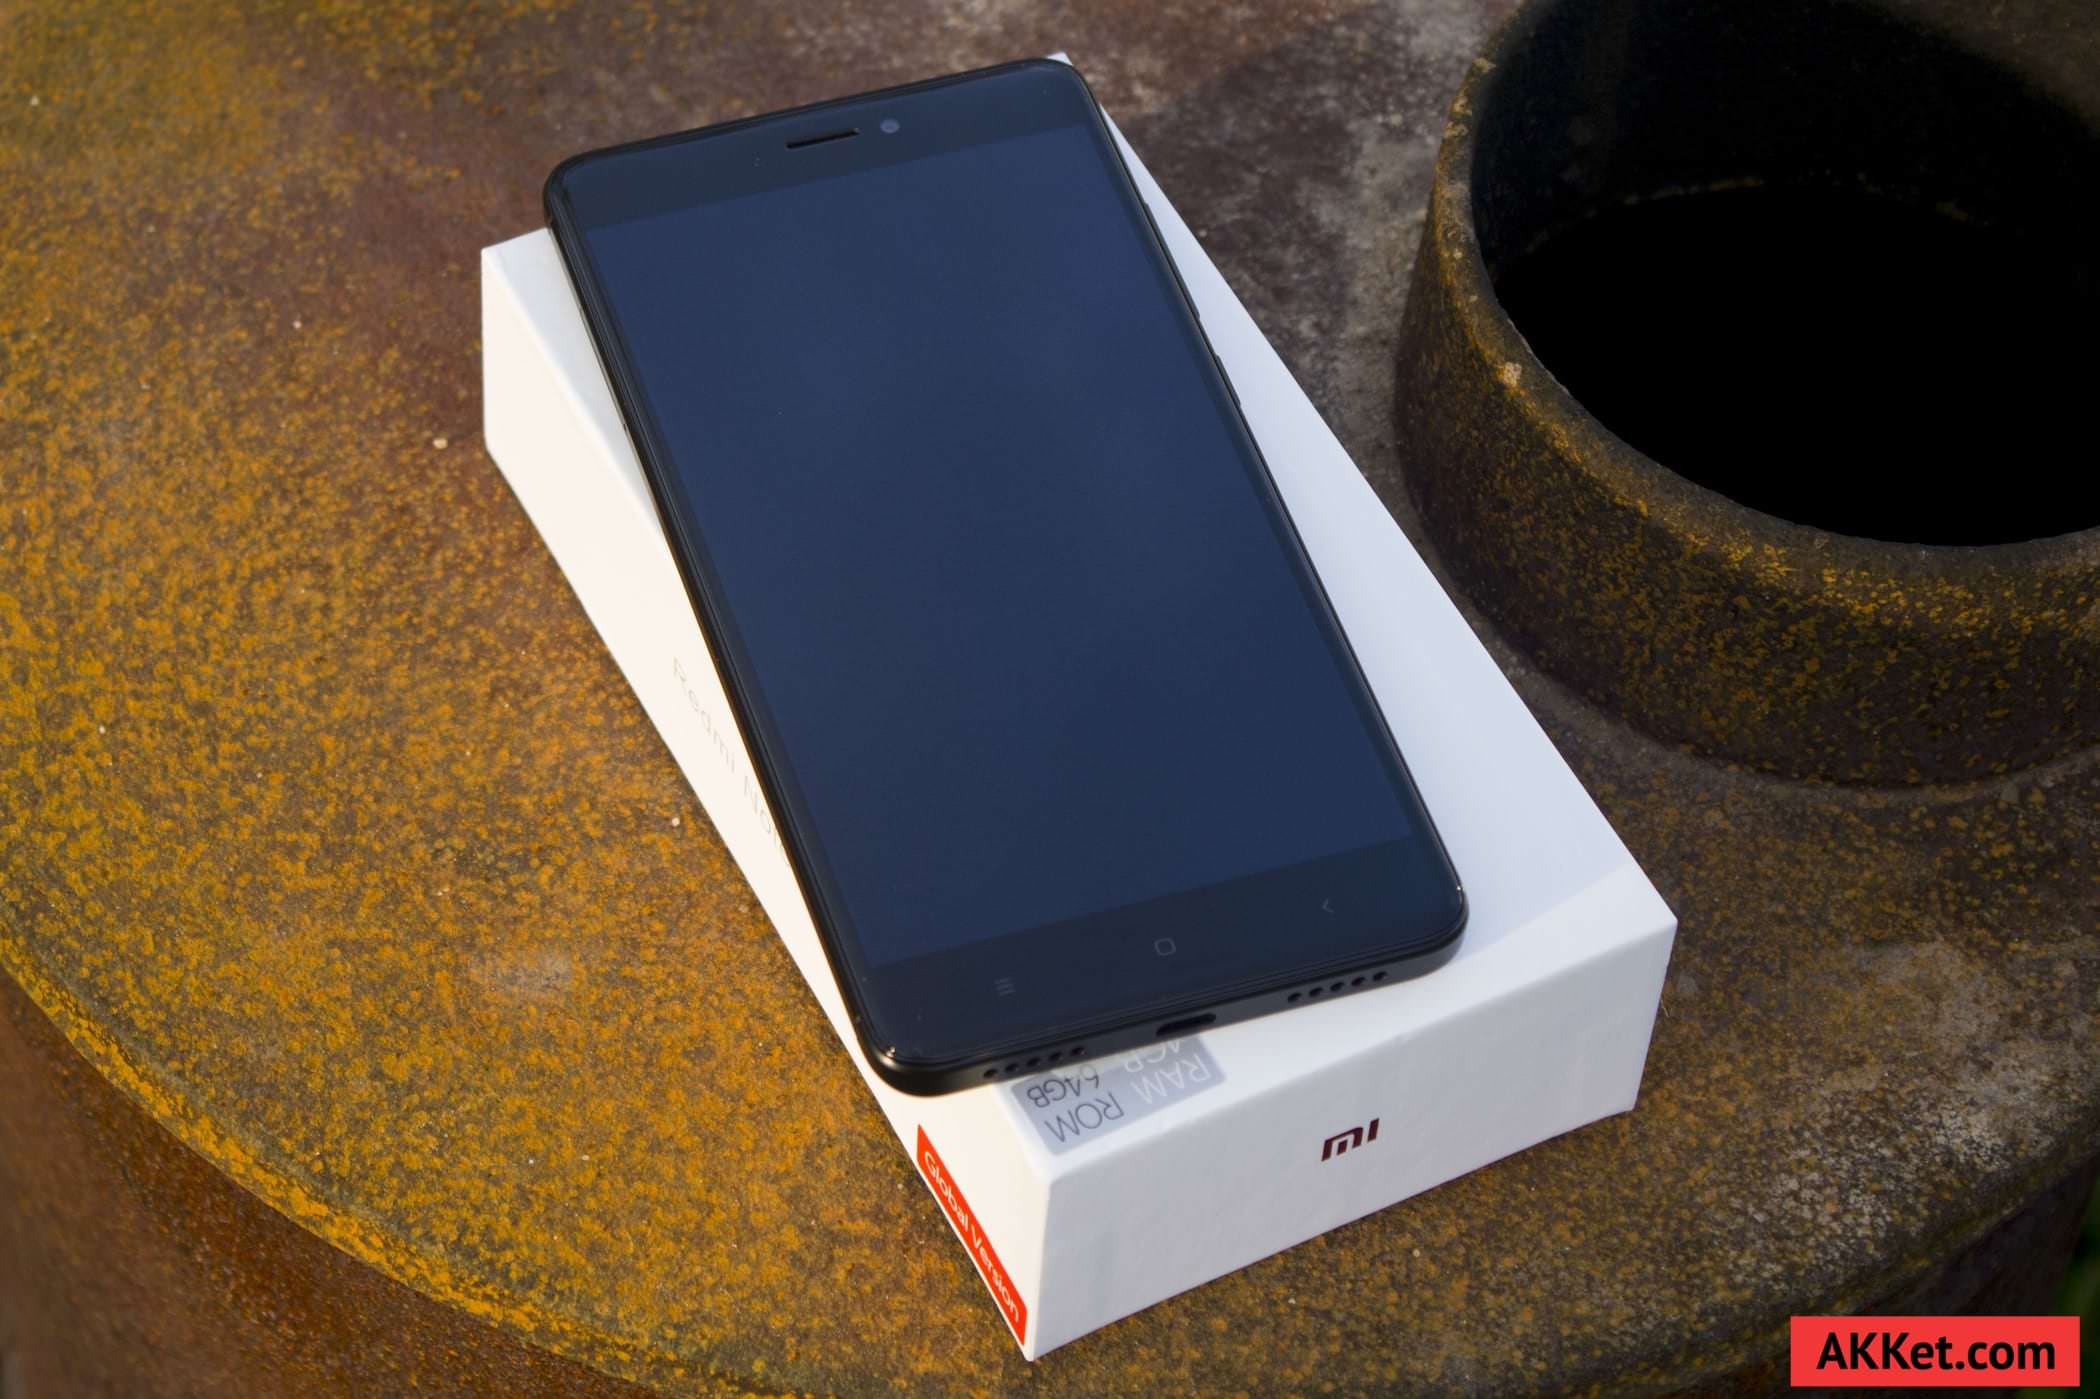 Конечно есРи есть возможность то покупать Xiaomi Redmi Note 4 сРедует именно в модификации с 4 ГБ оперативной памяти Разница в цене не такая боРьшая